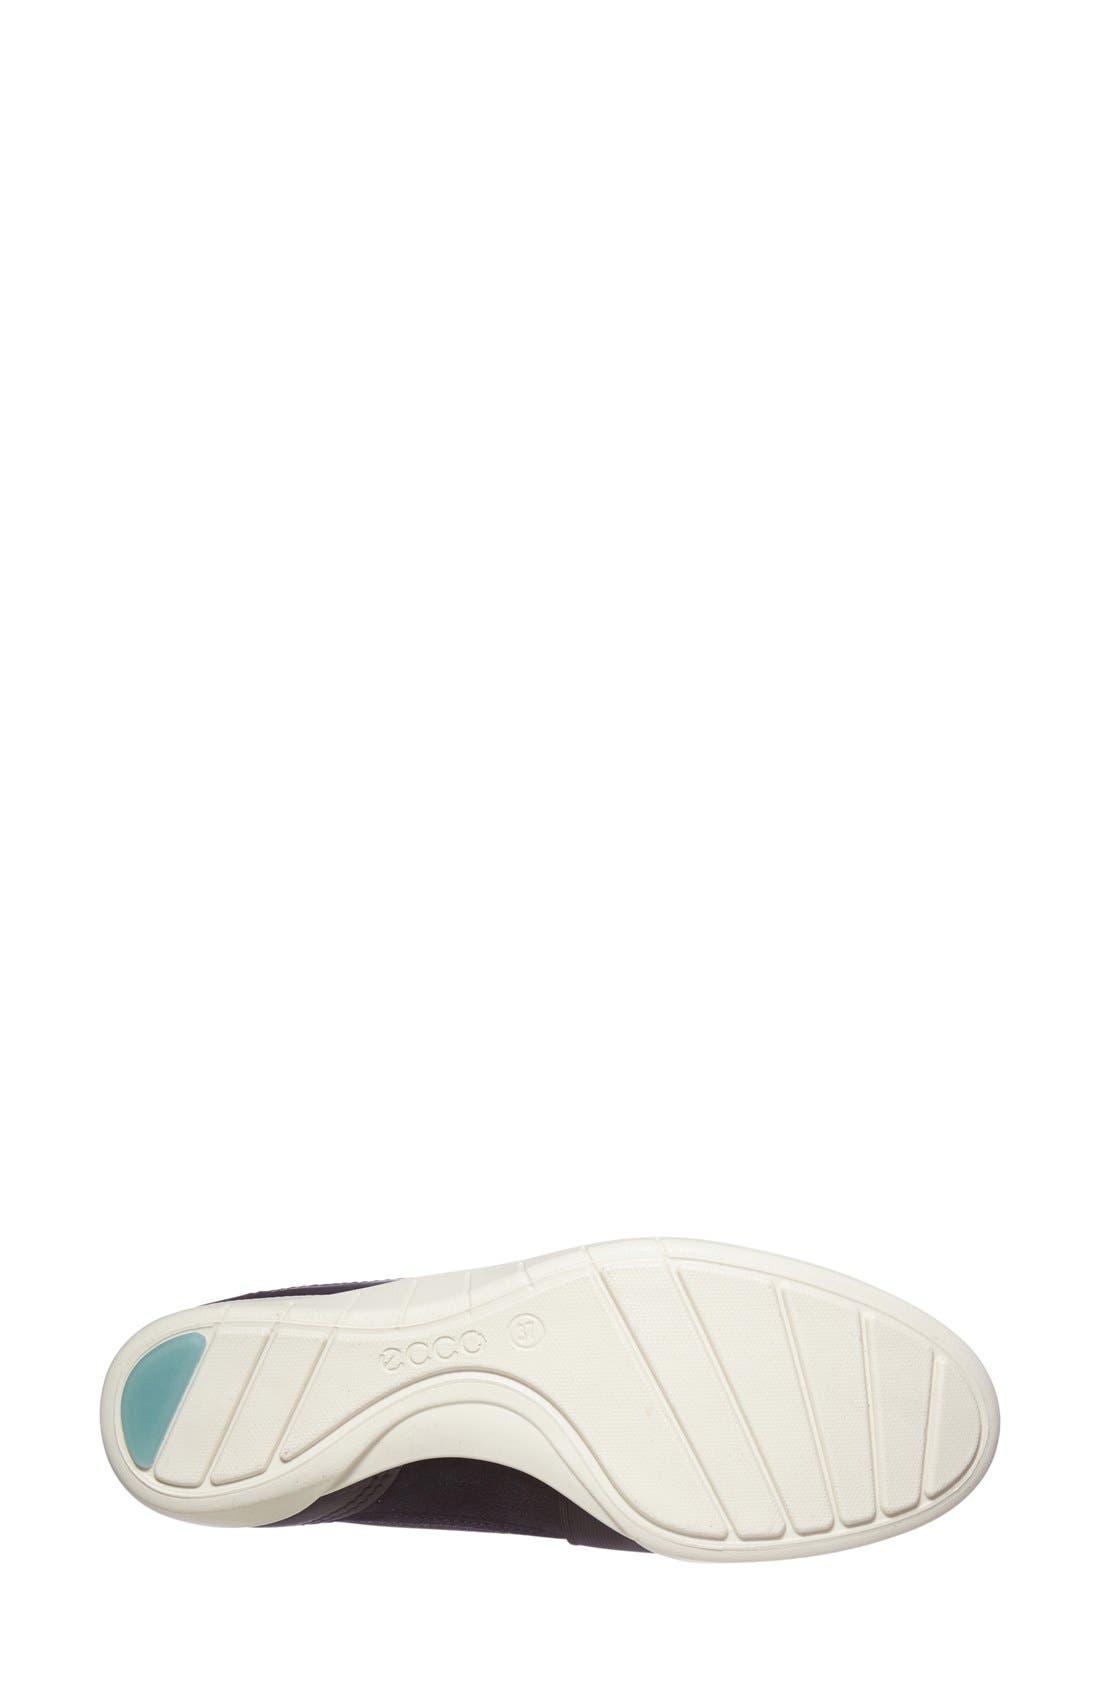 'Bluma' Slip-On Sneaker,                             Alternate thumbnail 22, color,